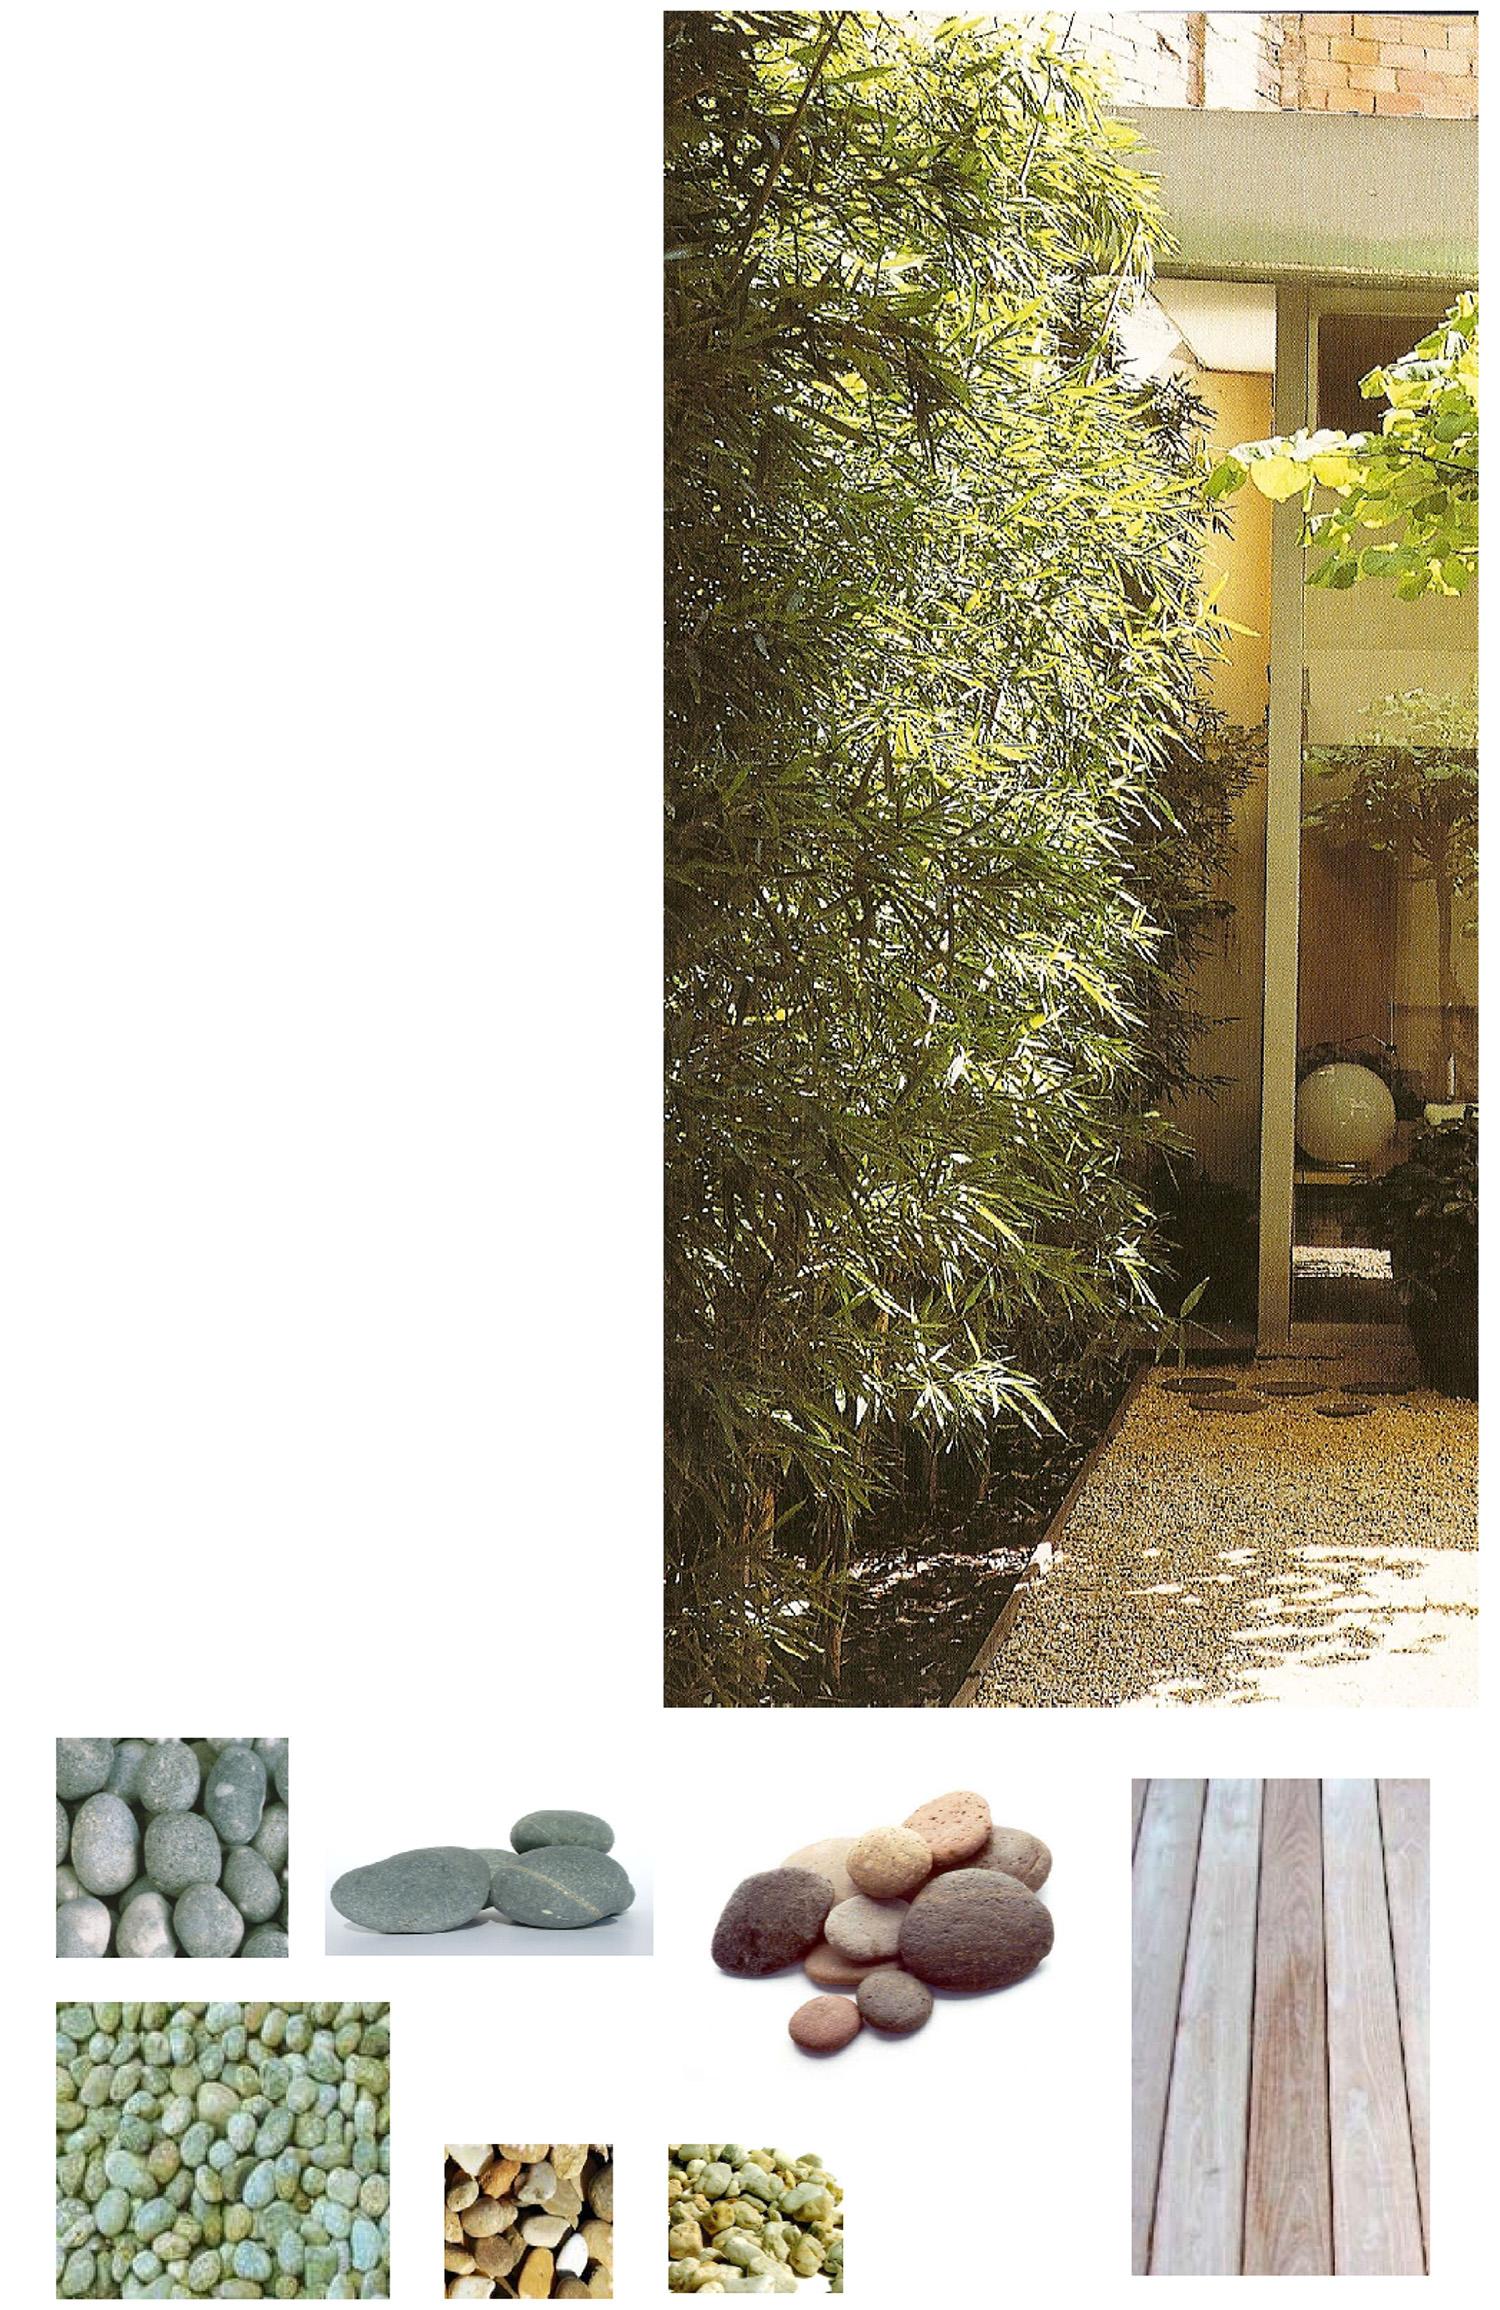 Soucaret architecte bord de mer marseille - Terrasse jardin londrina quadra marseille ...